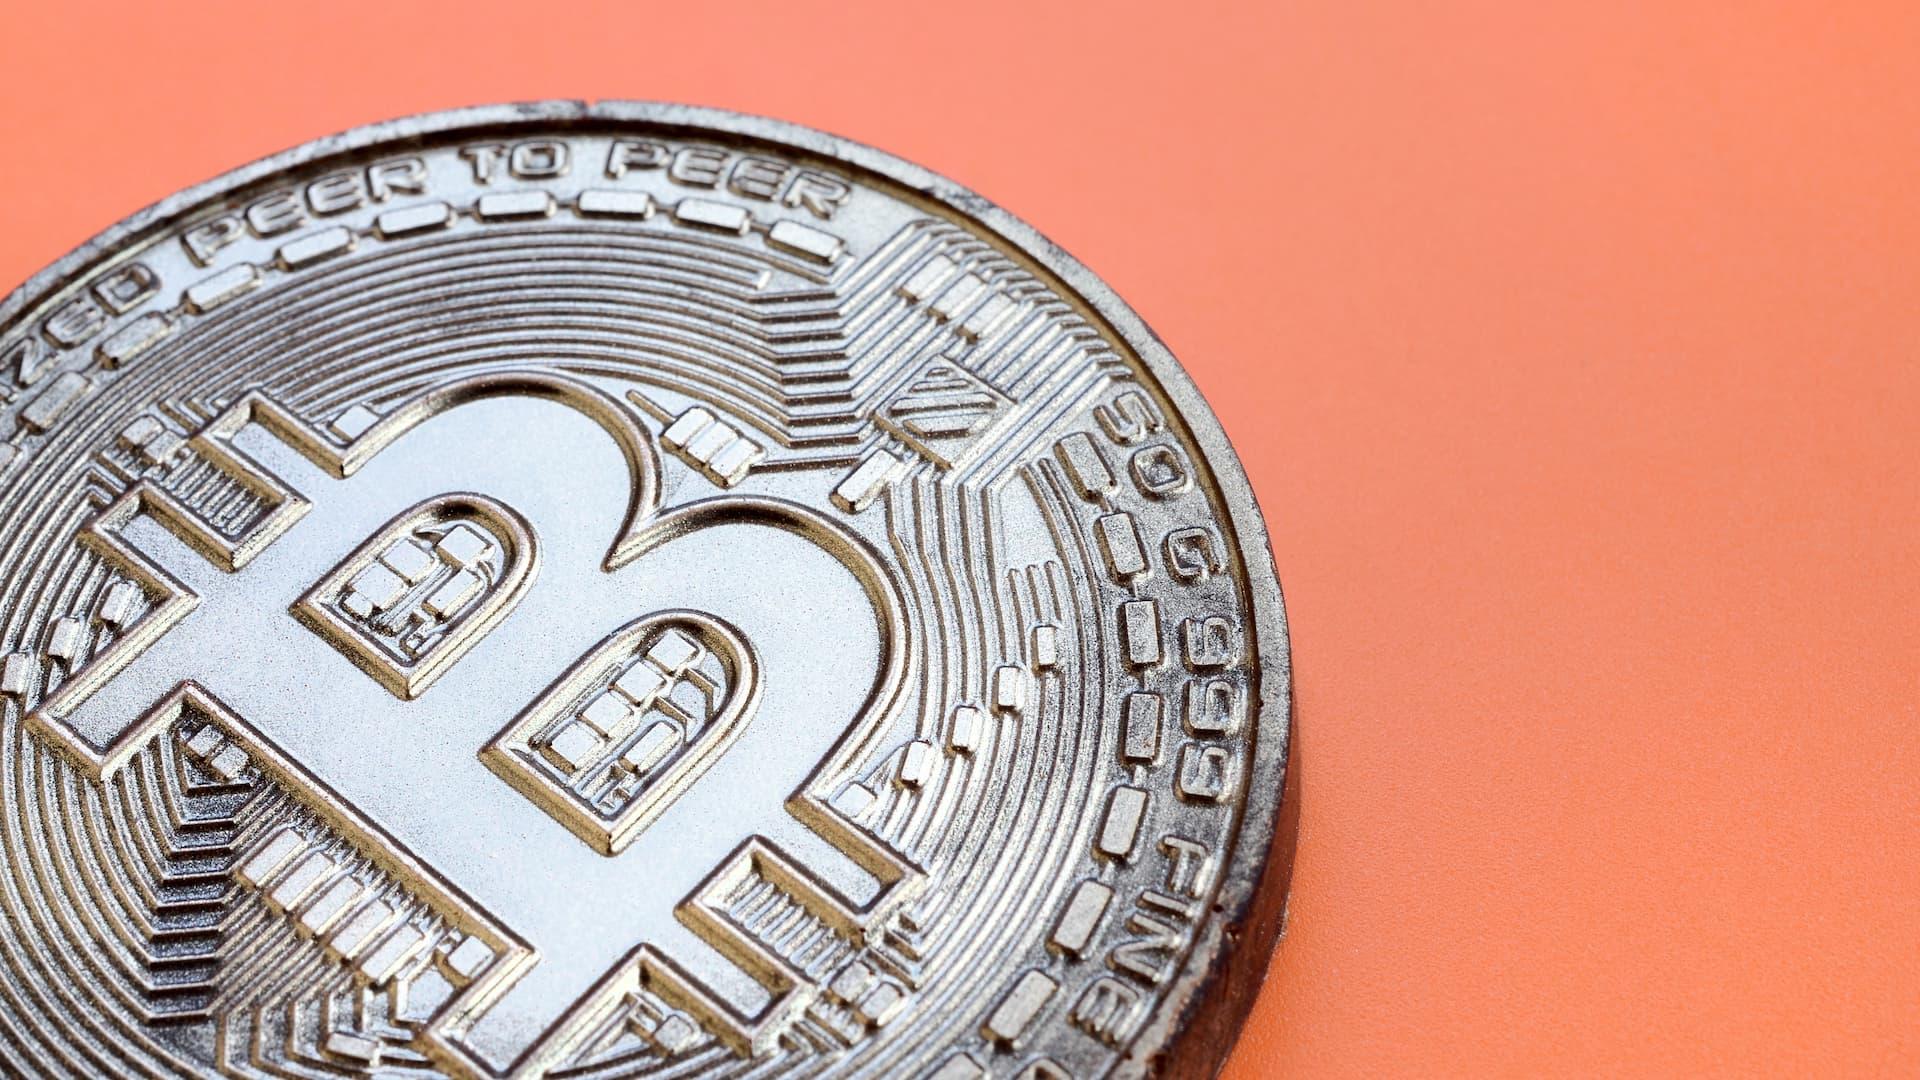 Старший аналитик Bloomberg выяснил настоящее имя создателя биткоина